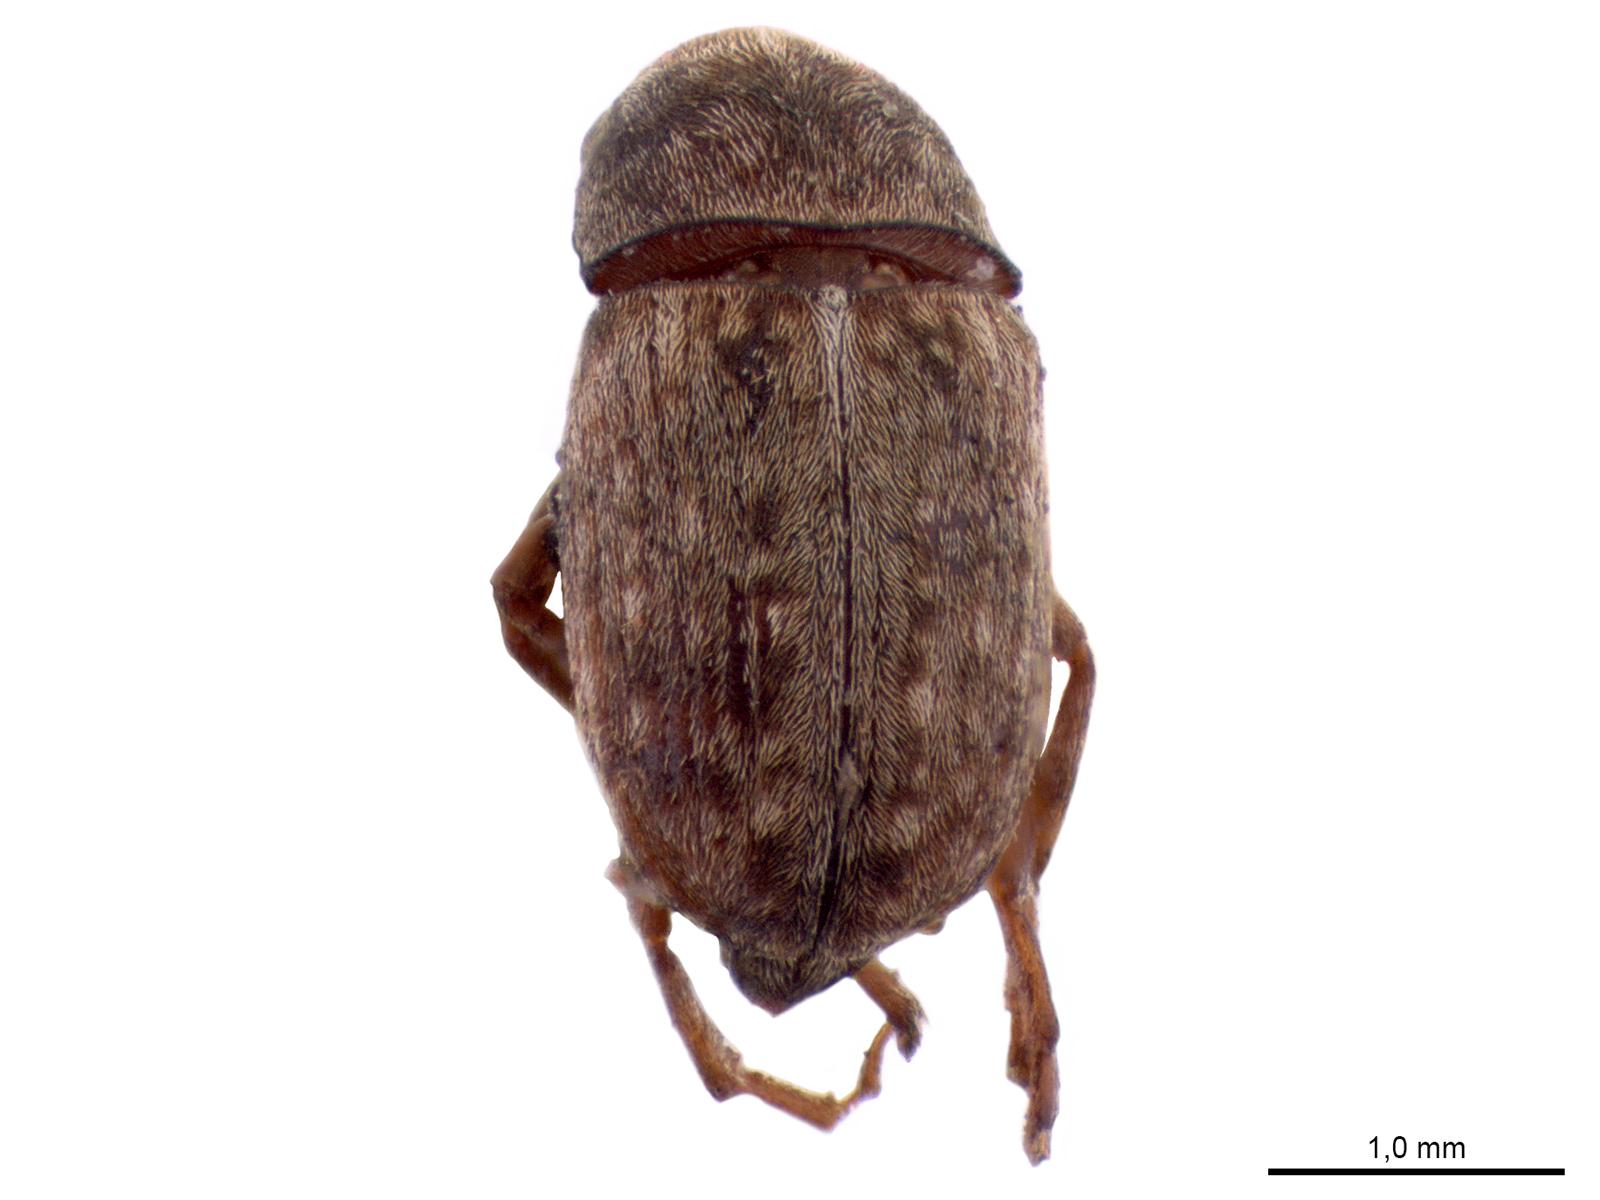 Araecerus fasciculatus(DeGeer, 1775)